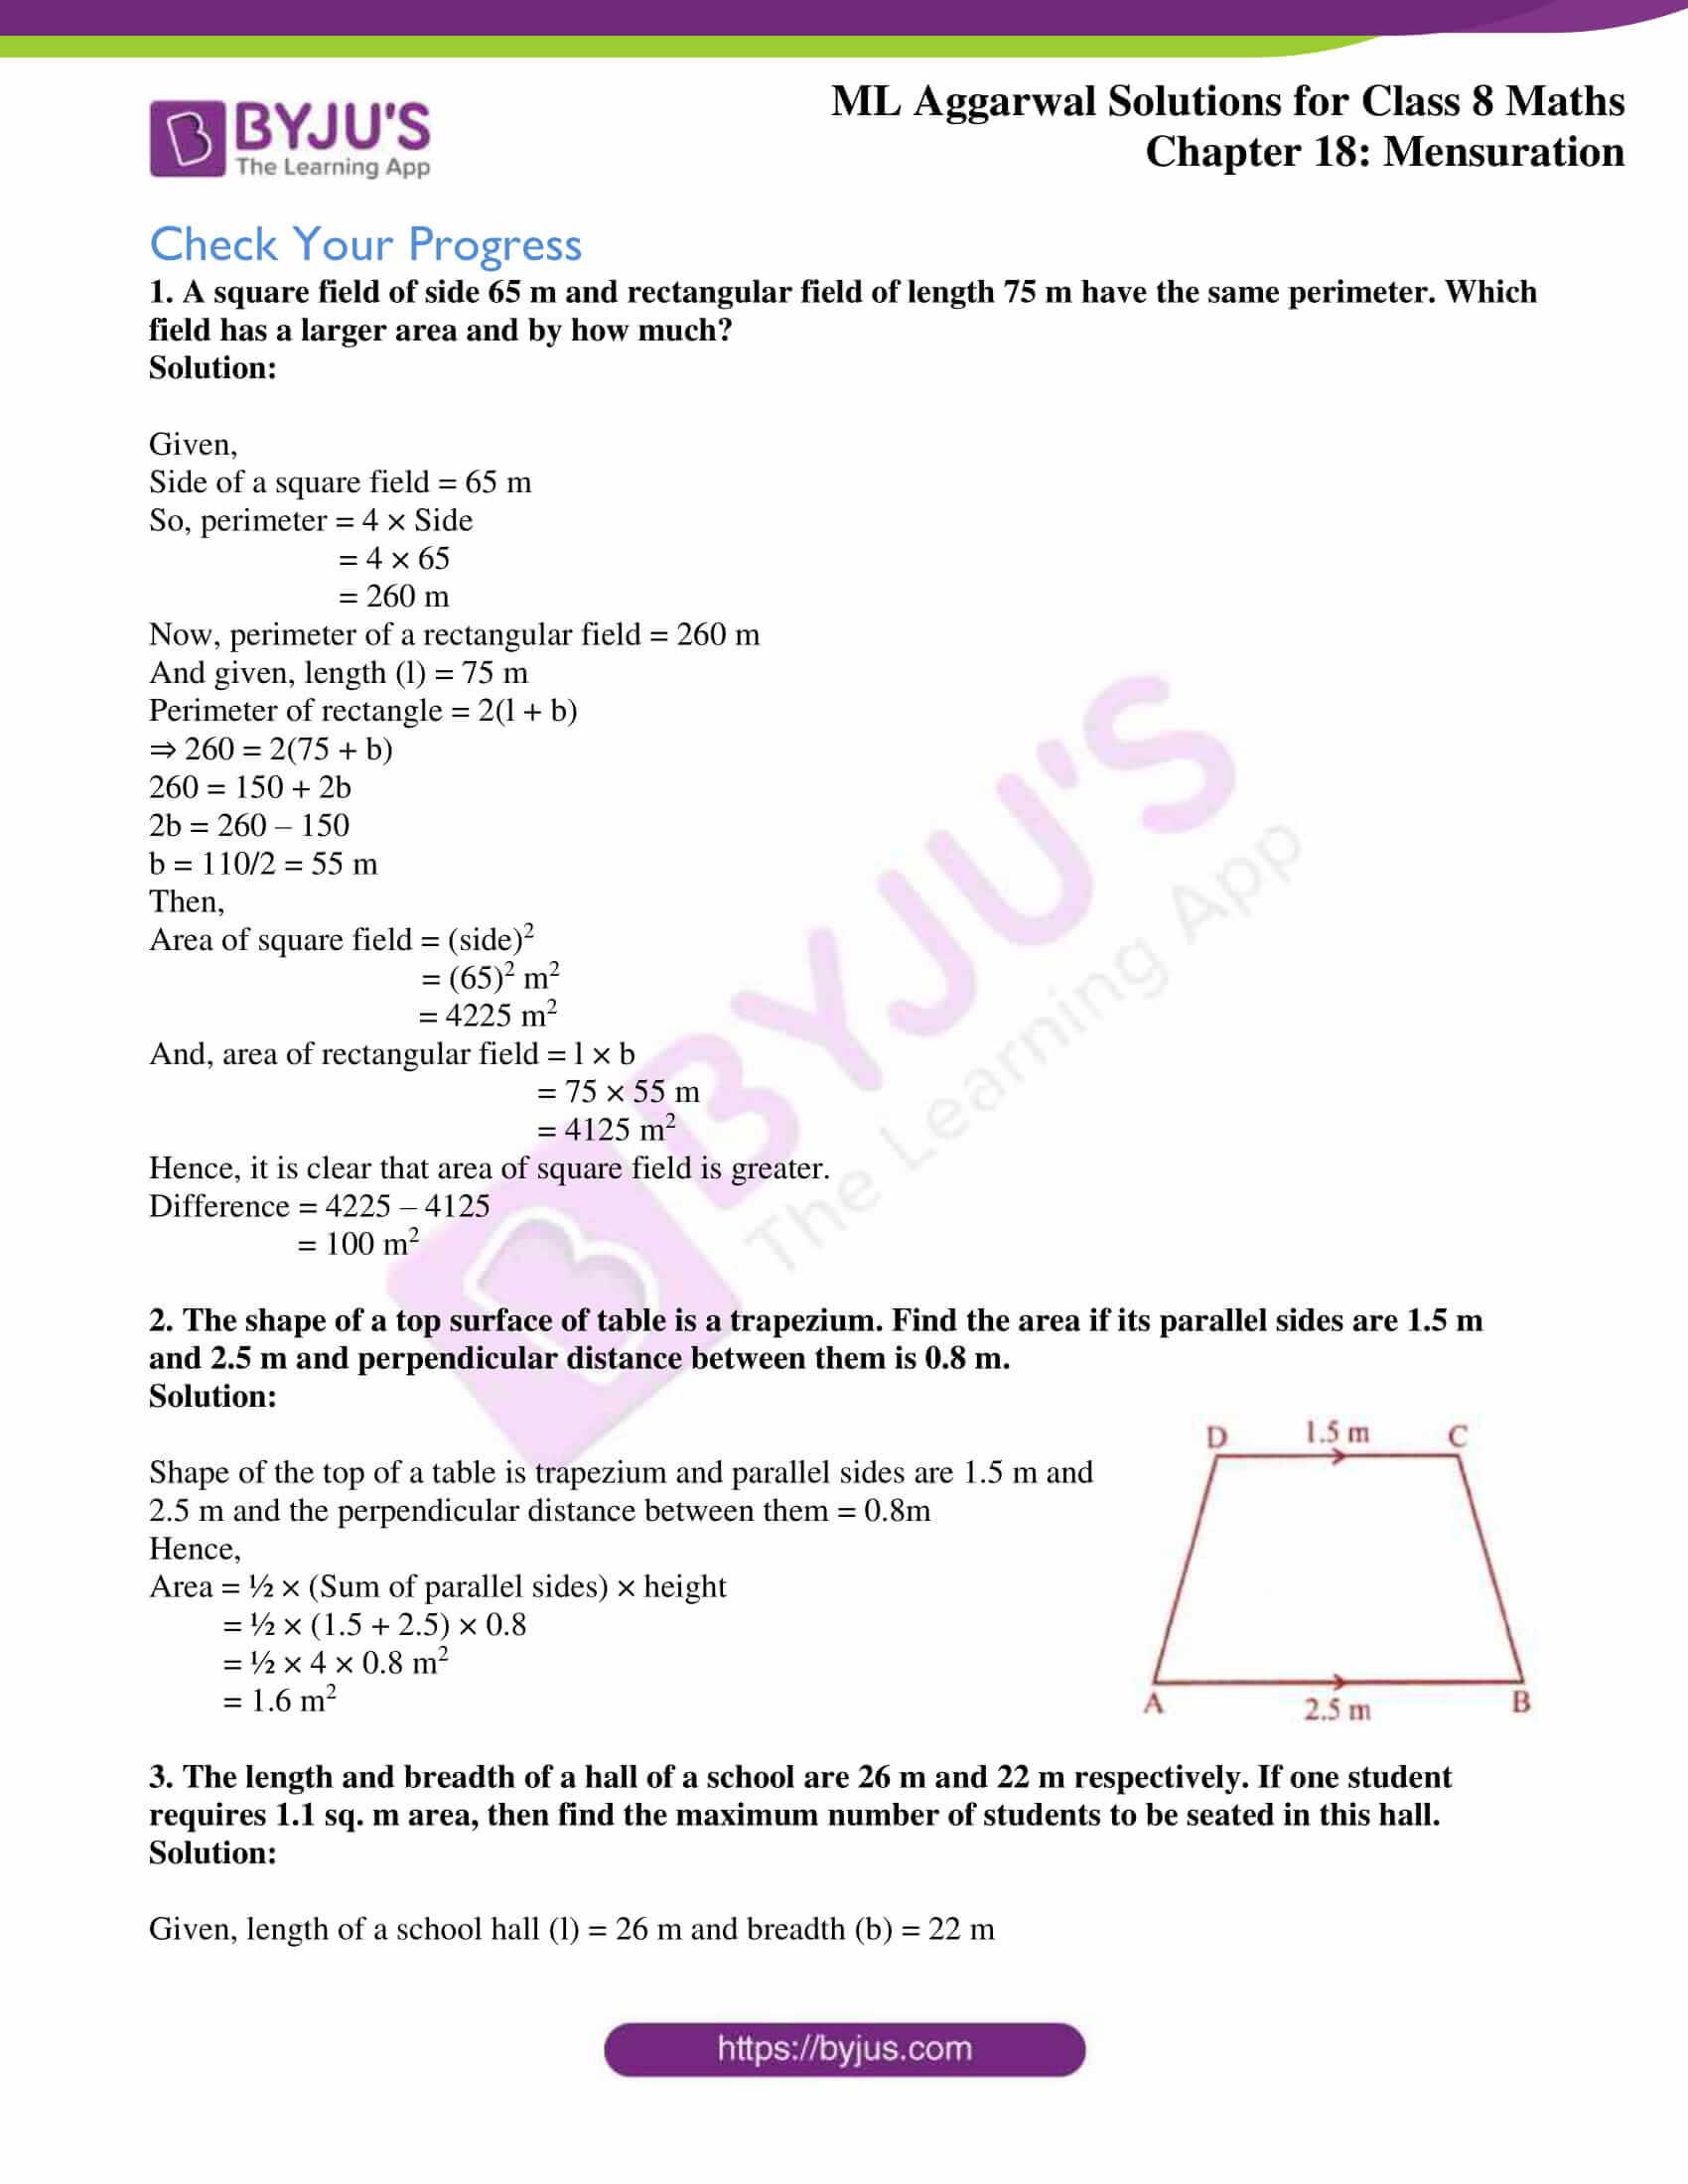 ml aggarwal sol mathematics class 8 ch 18 36